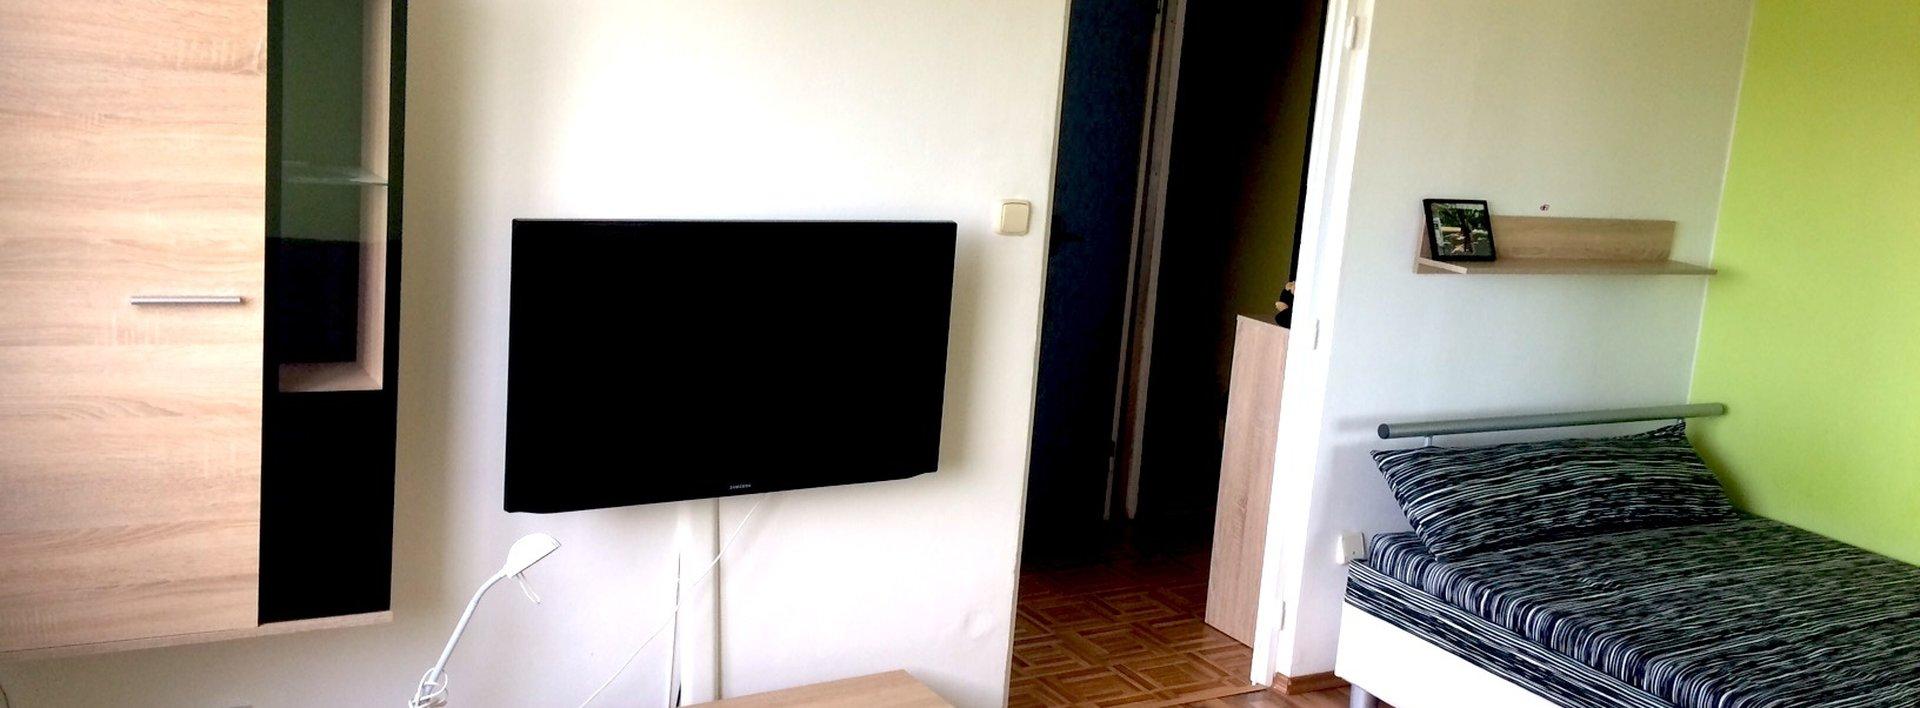 Pronájem zařízeného bytu 1+1, 34 m² - JBC - Mšeno, ul. B. Němcové